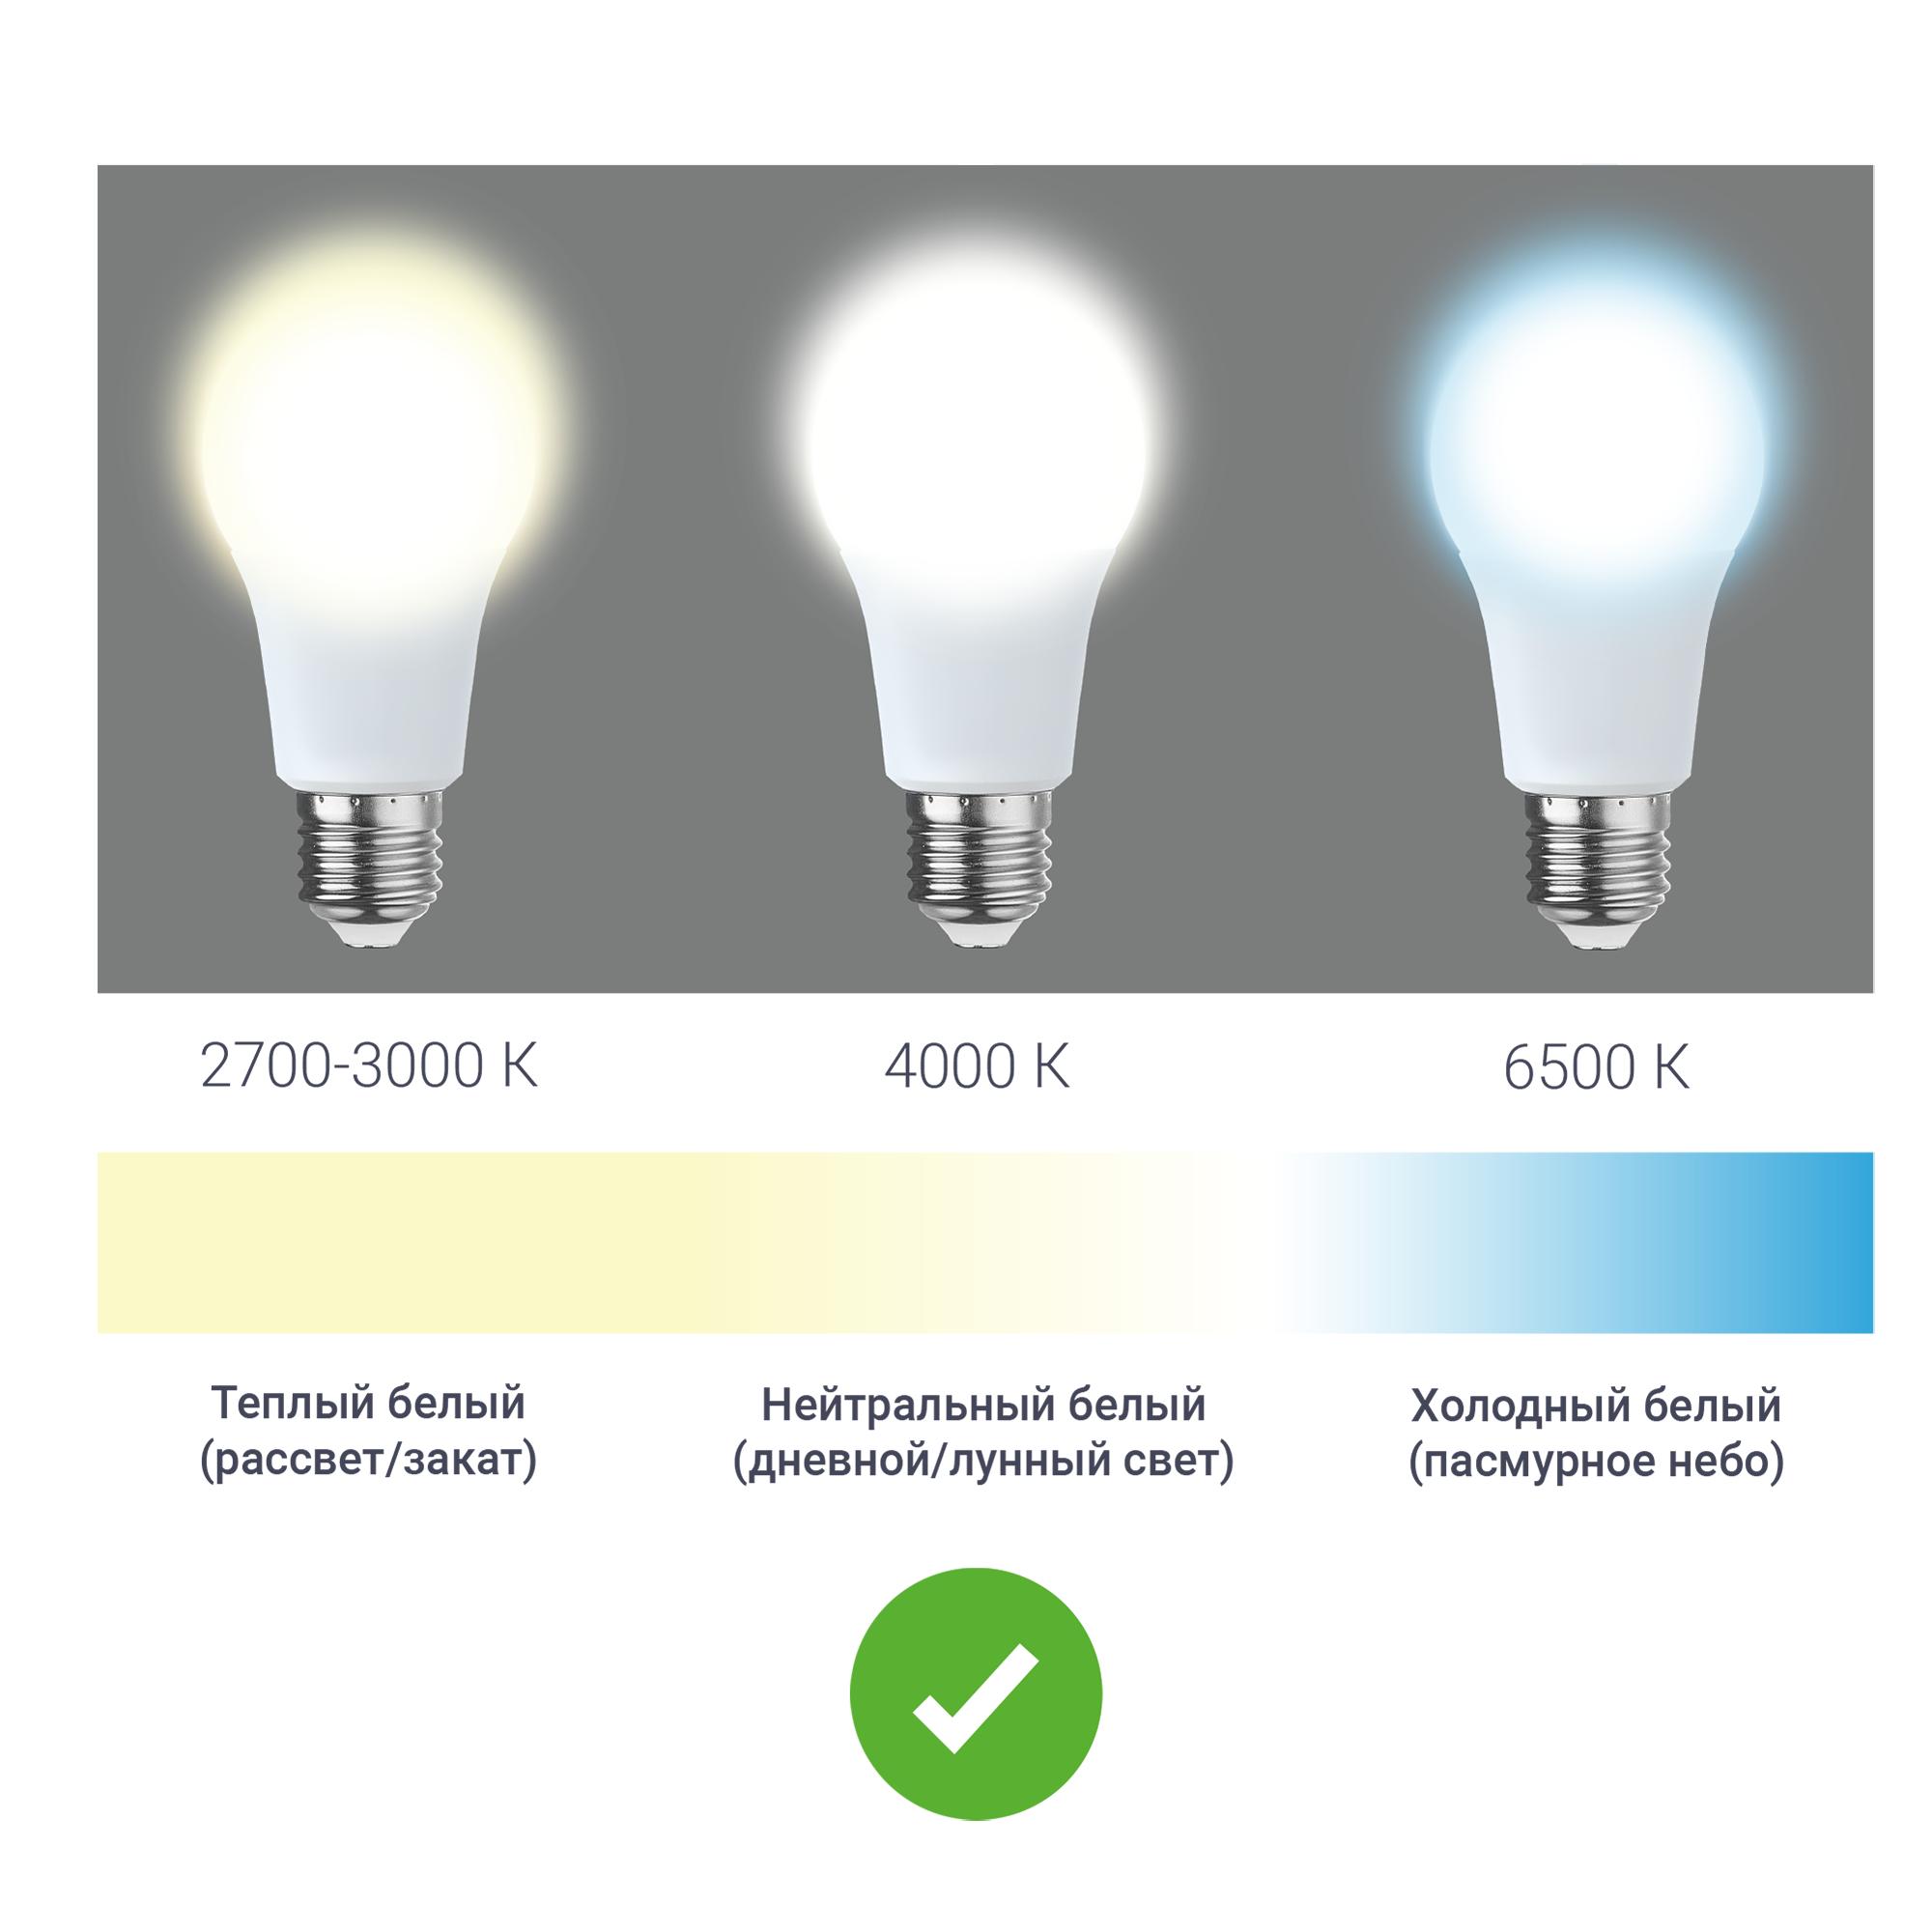 Лампа светодиодная Volpe Norma E27 220 В 13 Вт груша 1150 лм белый свет